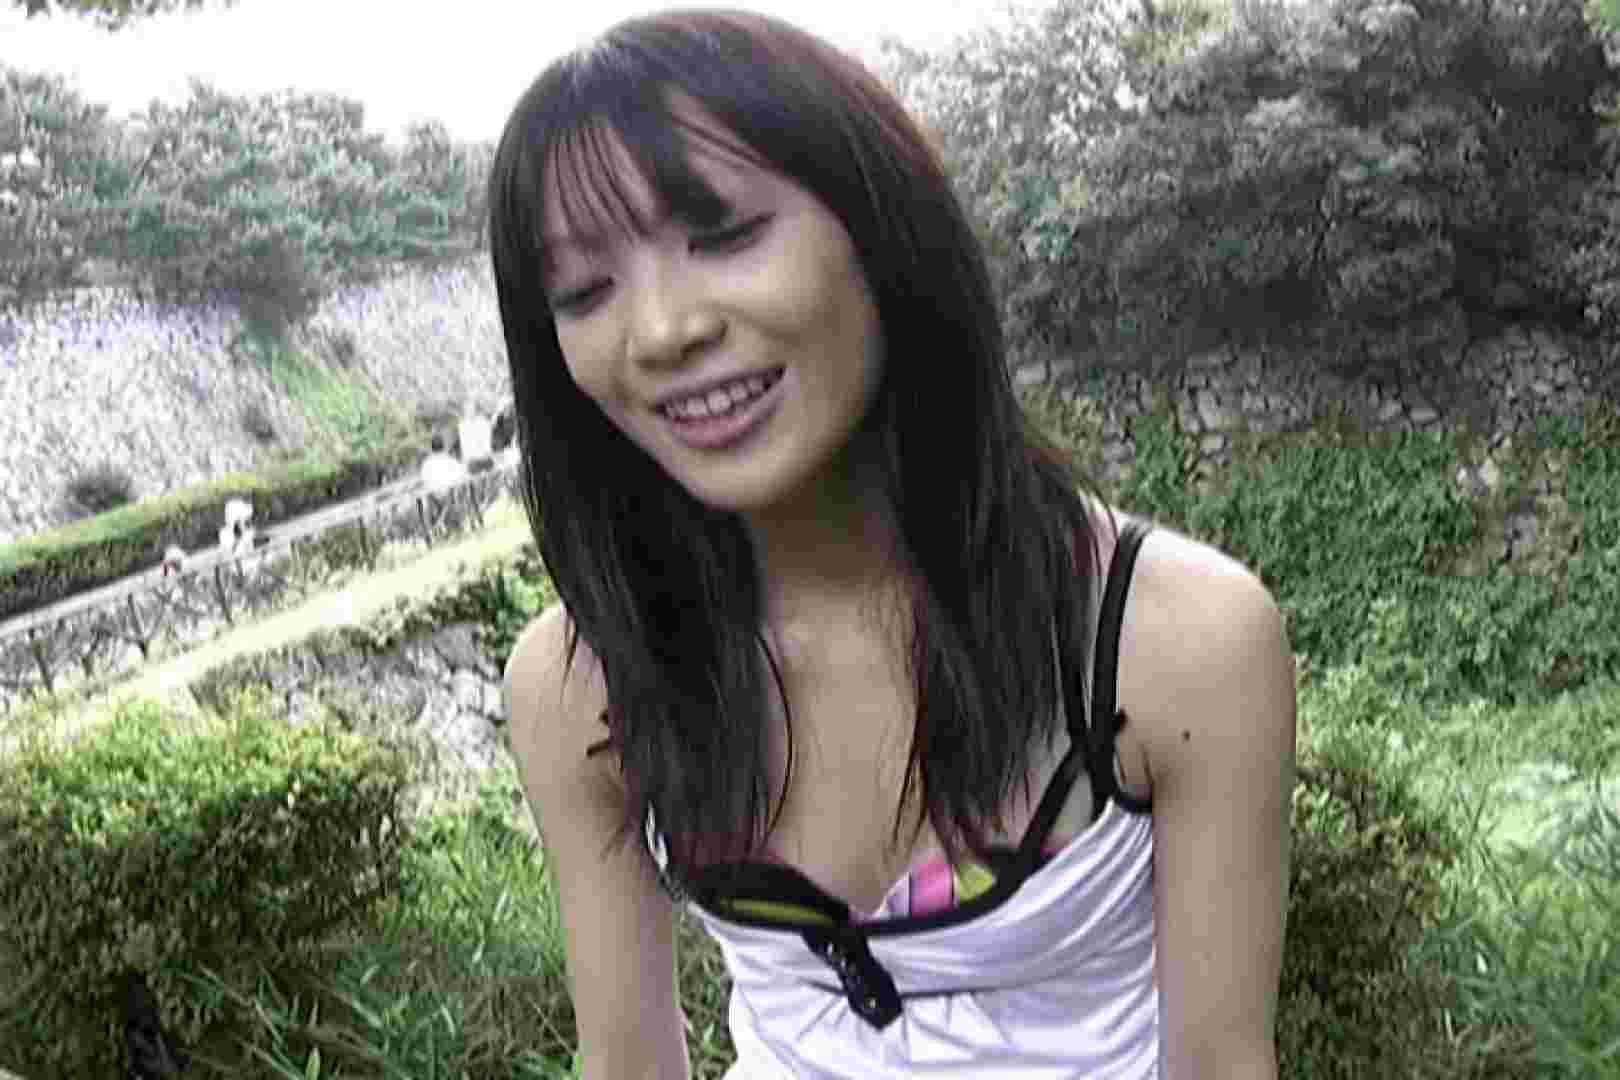 ハイビジョンパンチラ オッテQさんの追跡パンチラ制服女子編Vol.05 制服 エロ画像 93pic 75